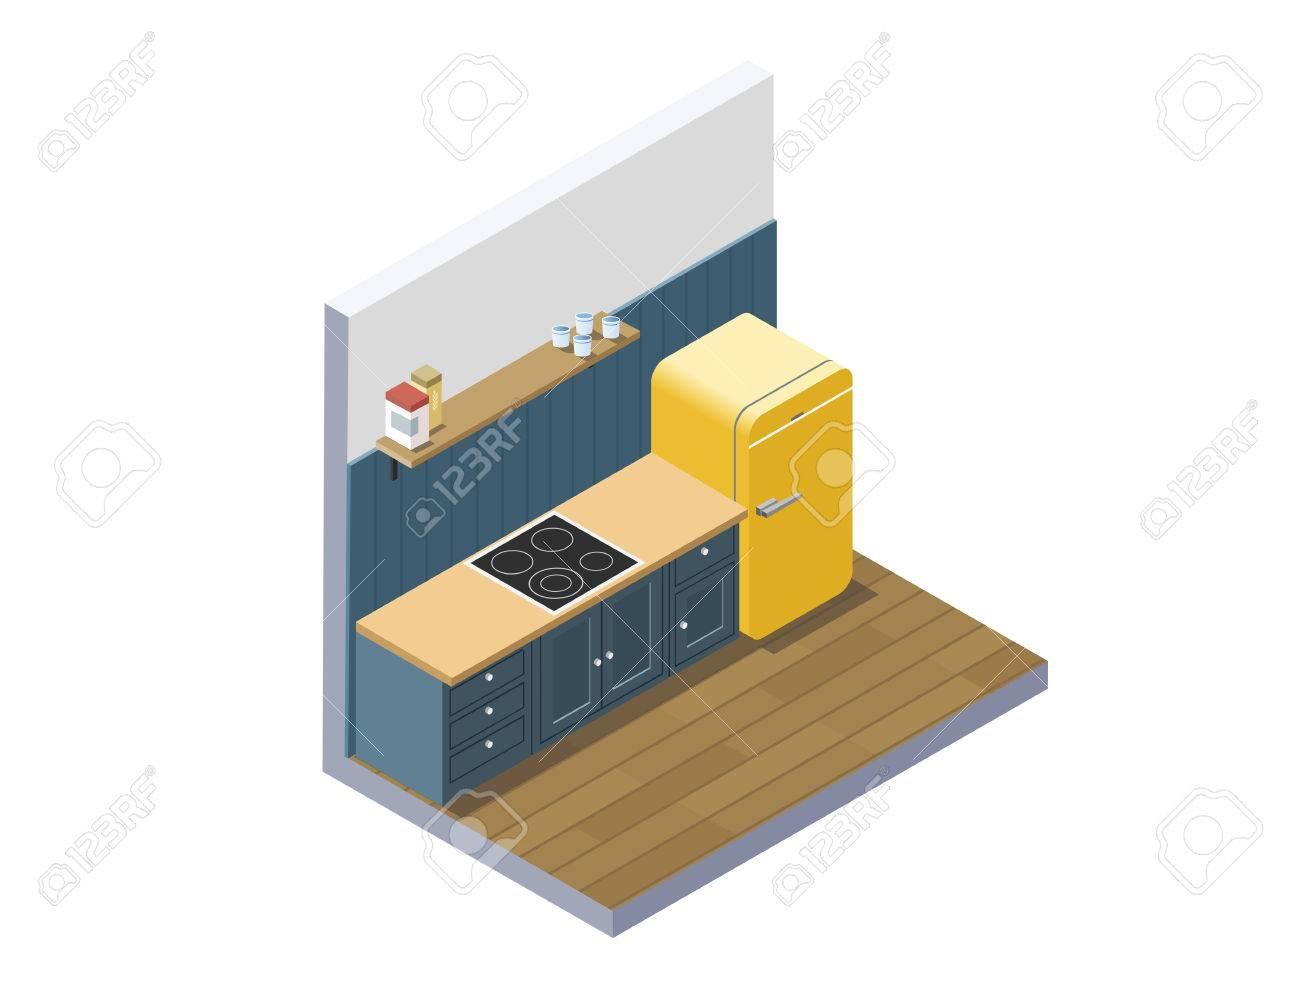 Vektor Isometrische Darstellung Der Küchenmöbel, 3d Flache Design ...